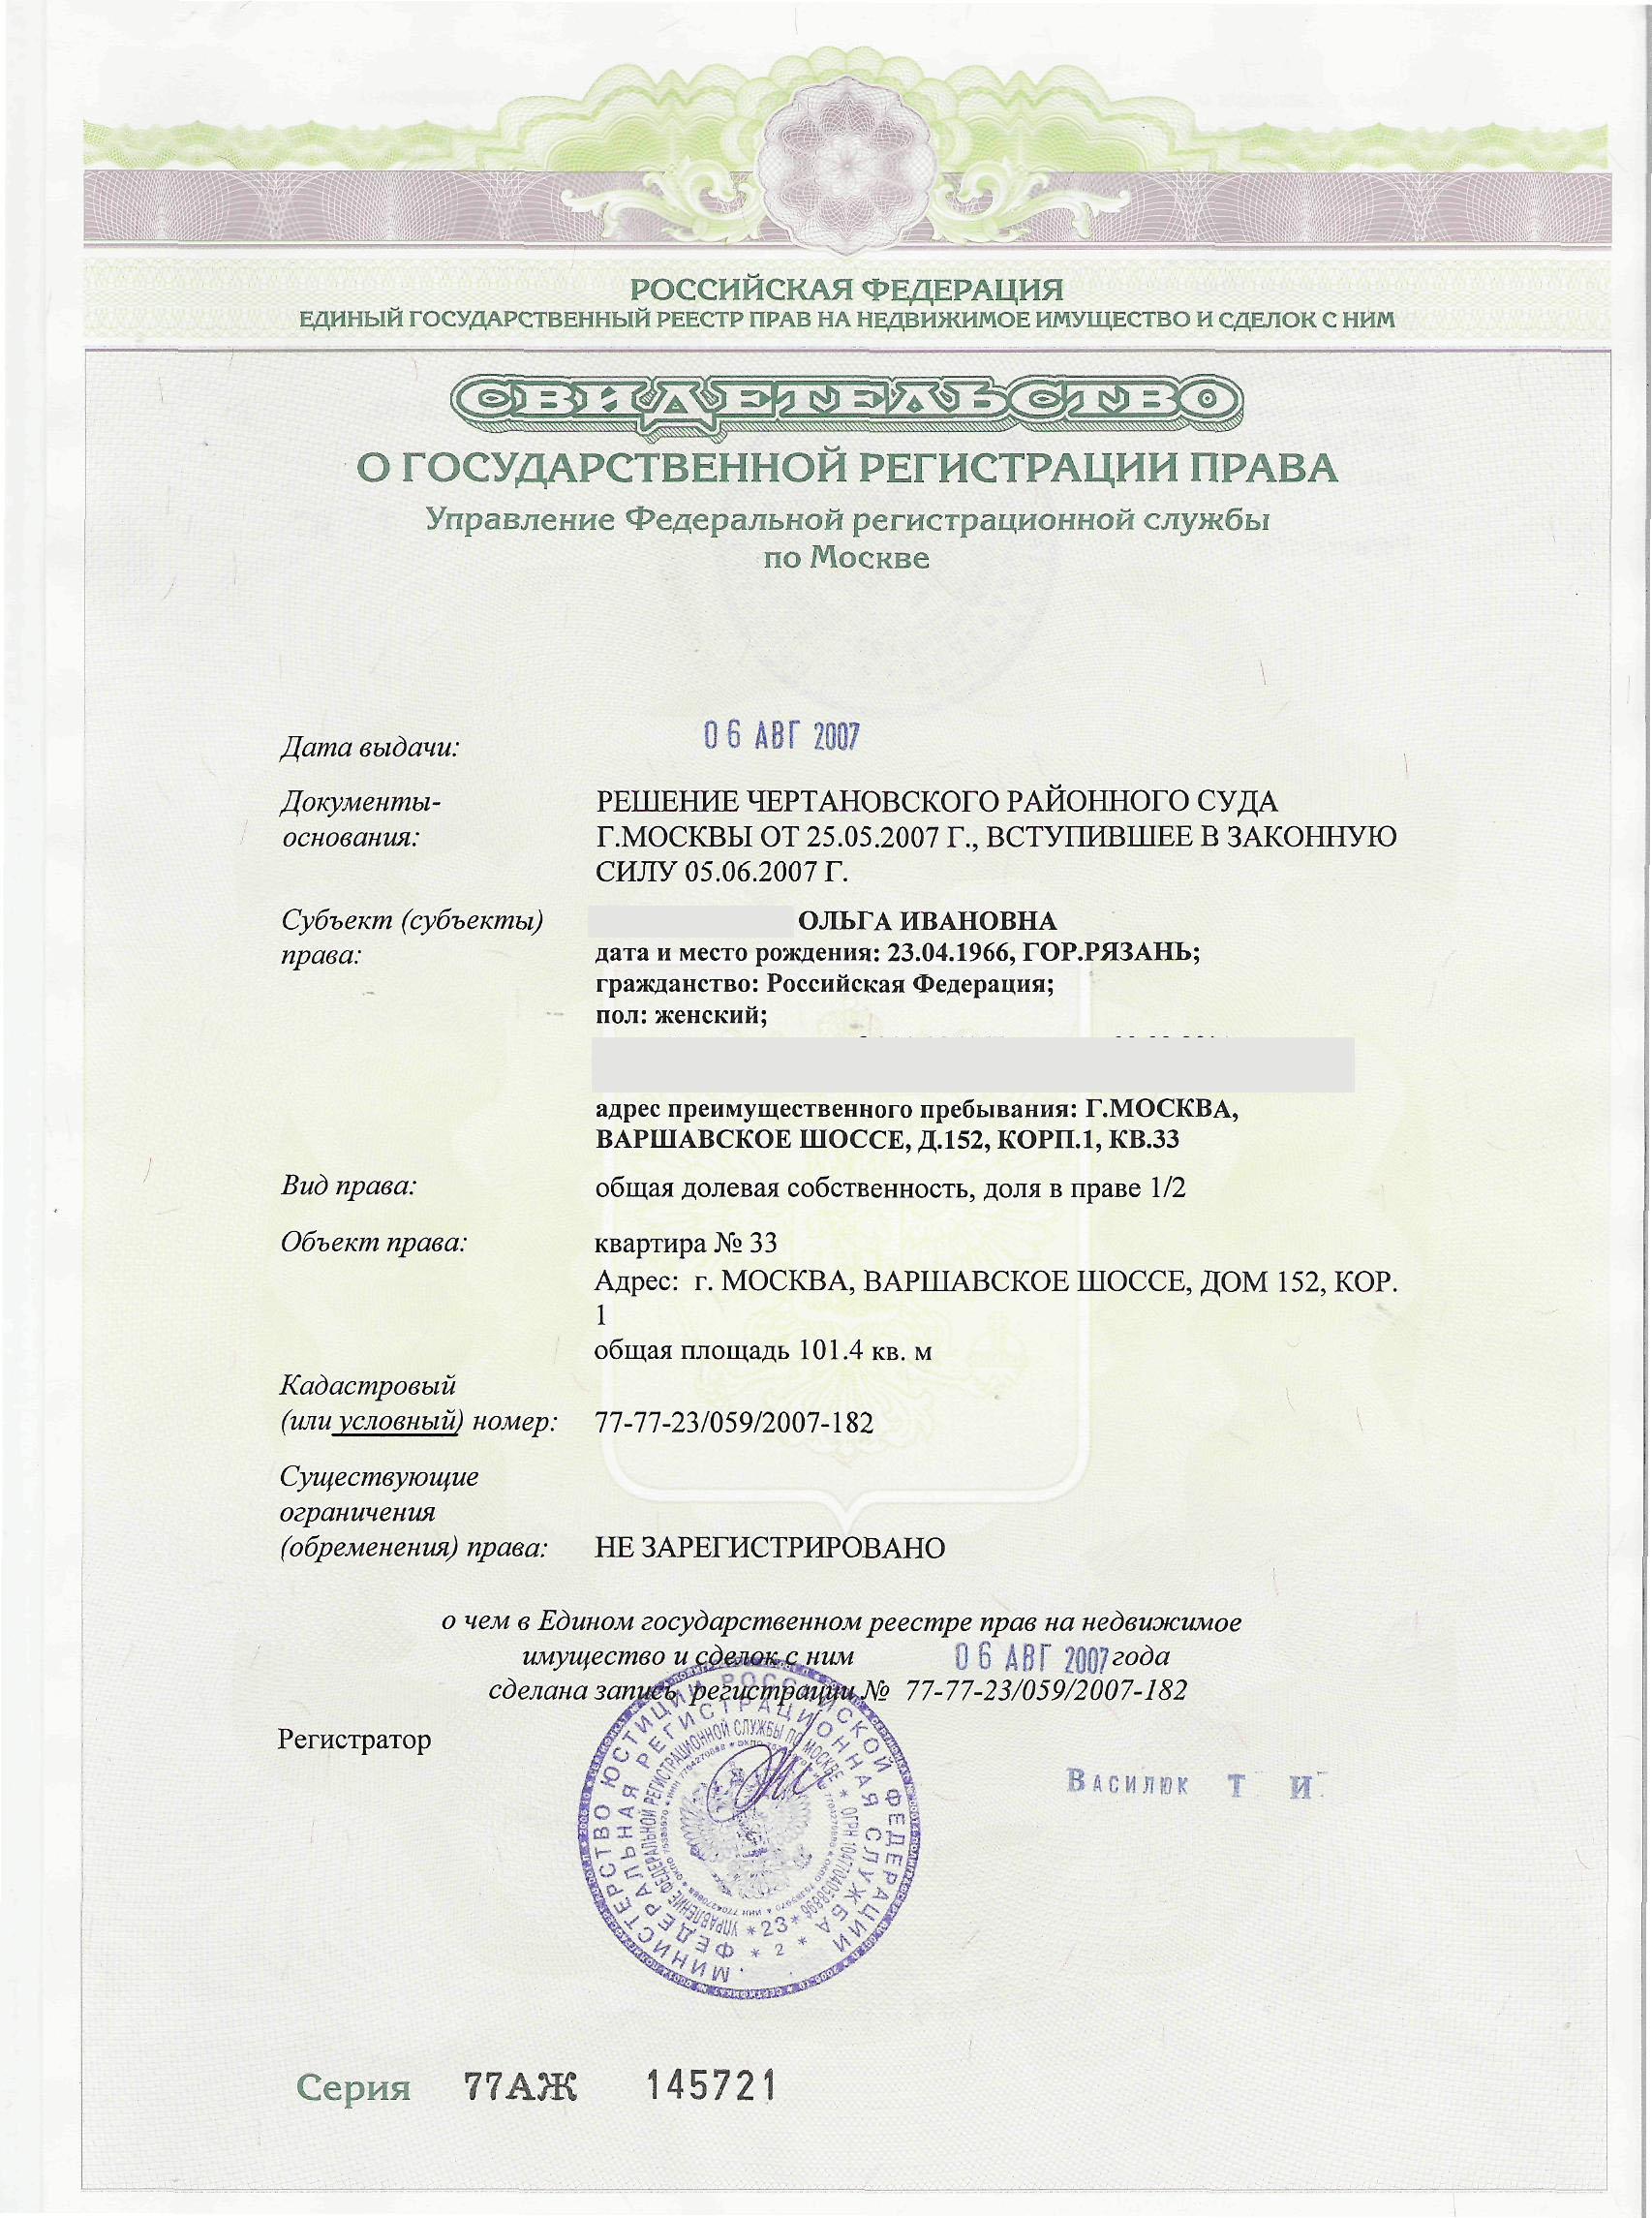 документы для оформления права собственности на домовладение оказался